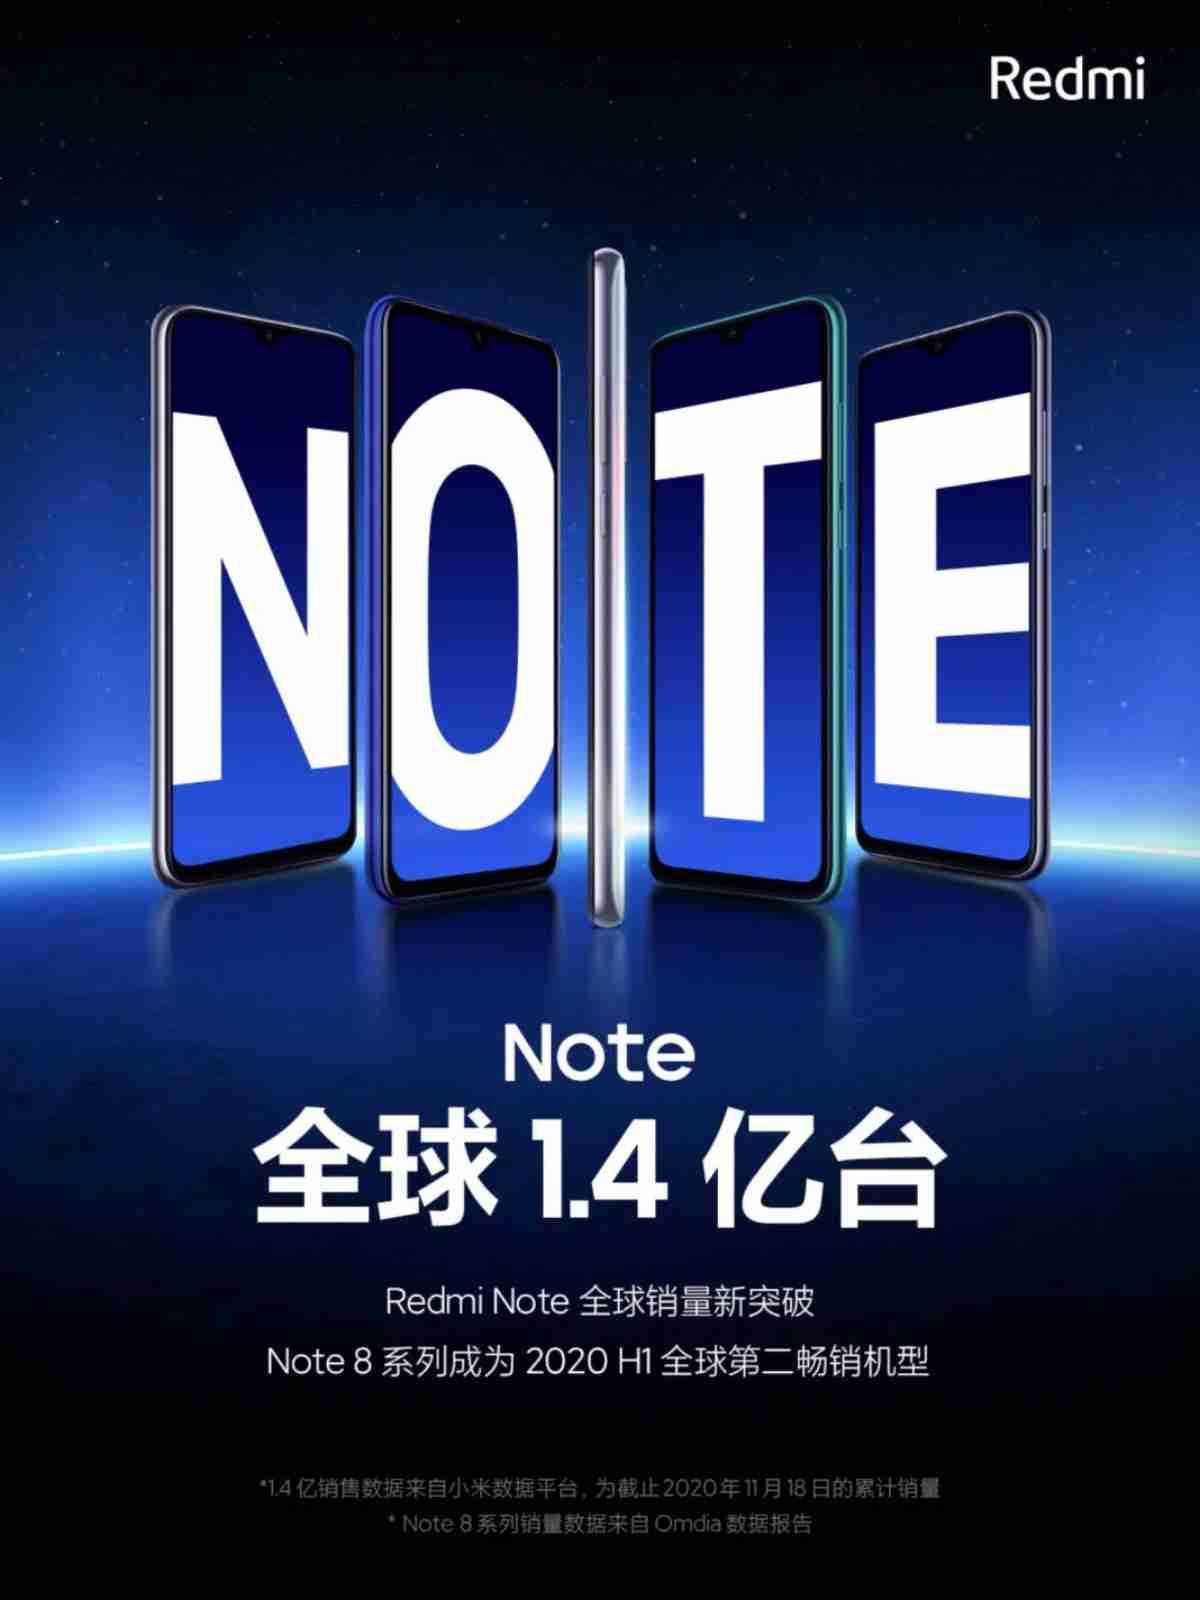 redmi note vendite smartphone